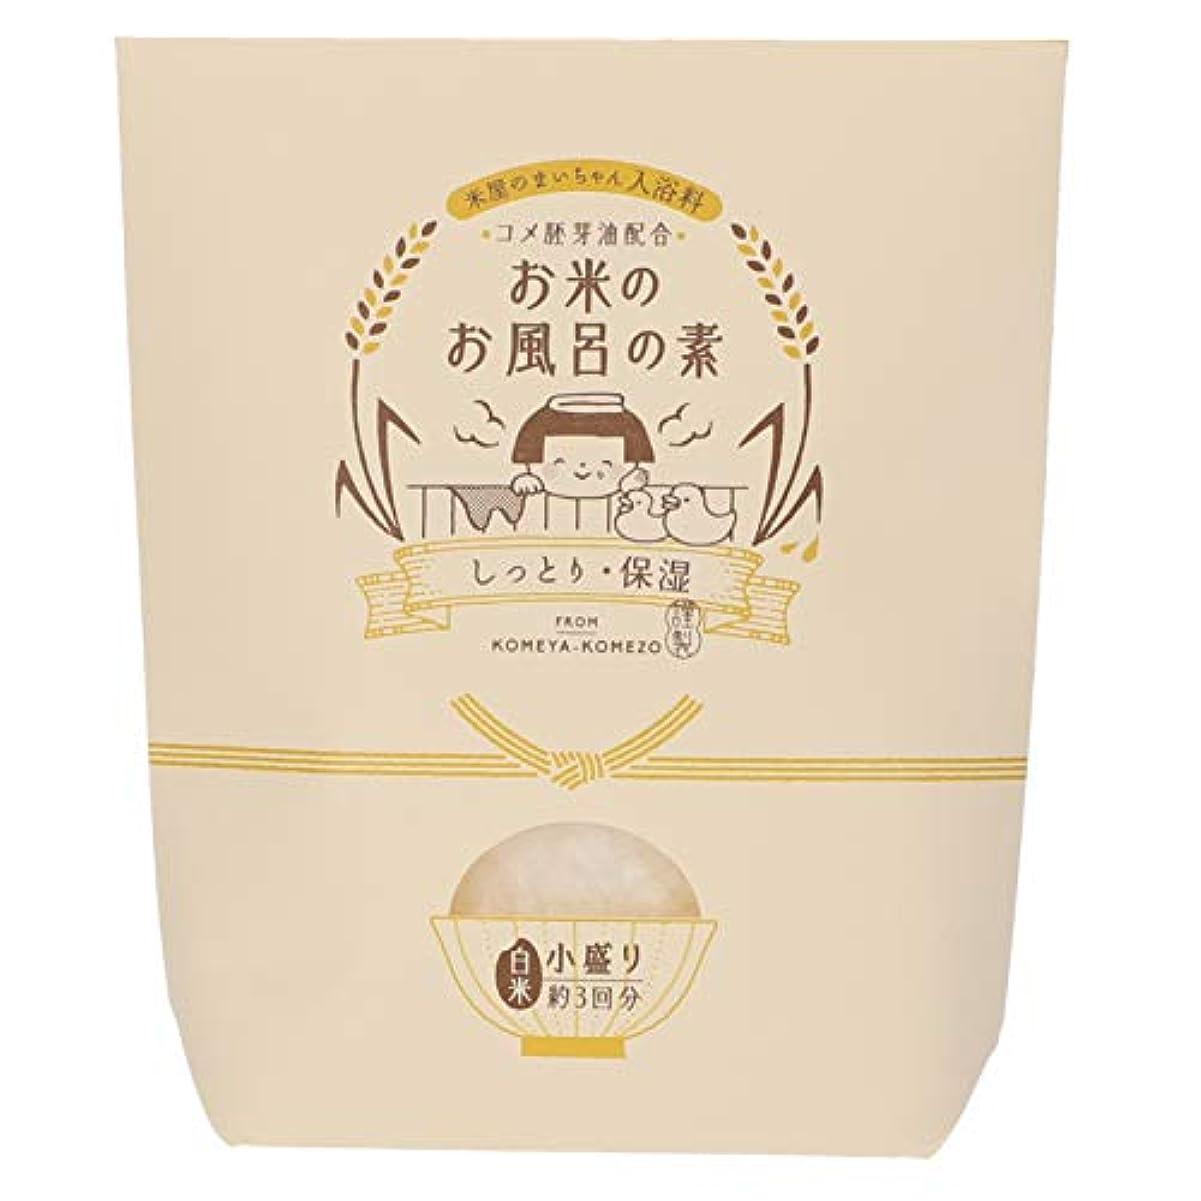 モール昼食マングル米屋のまいちゃん家の逸品 お米のお風呂の素 小盛り(保湿) 入浴剤 113mm×34mm×133mm